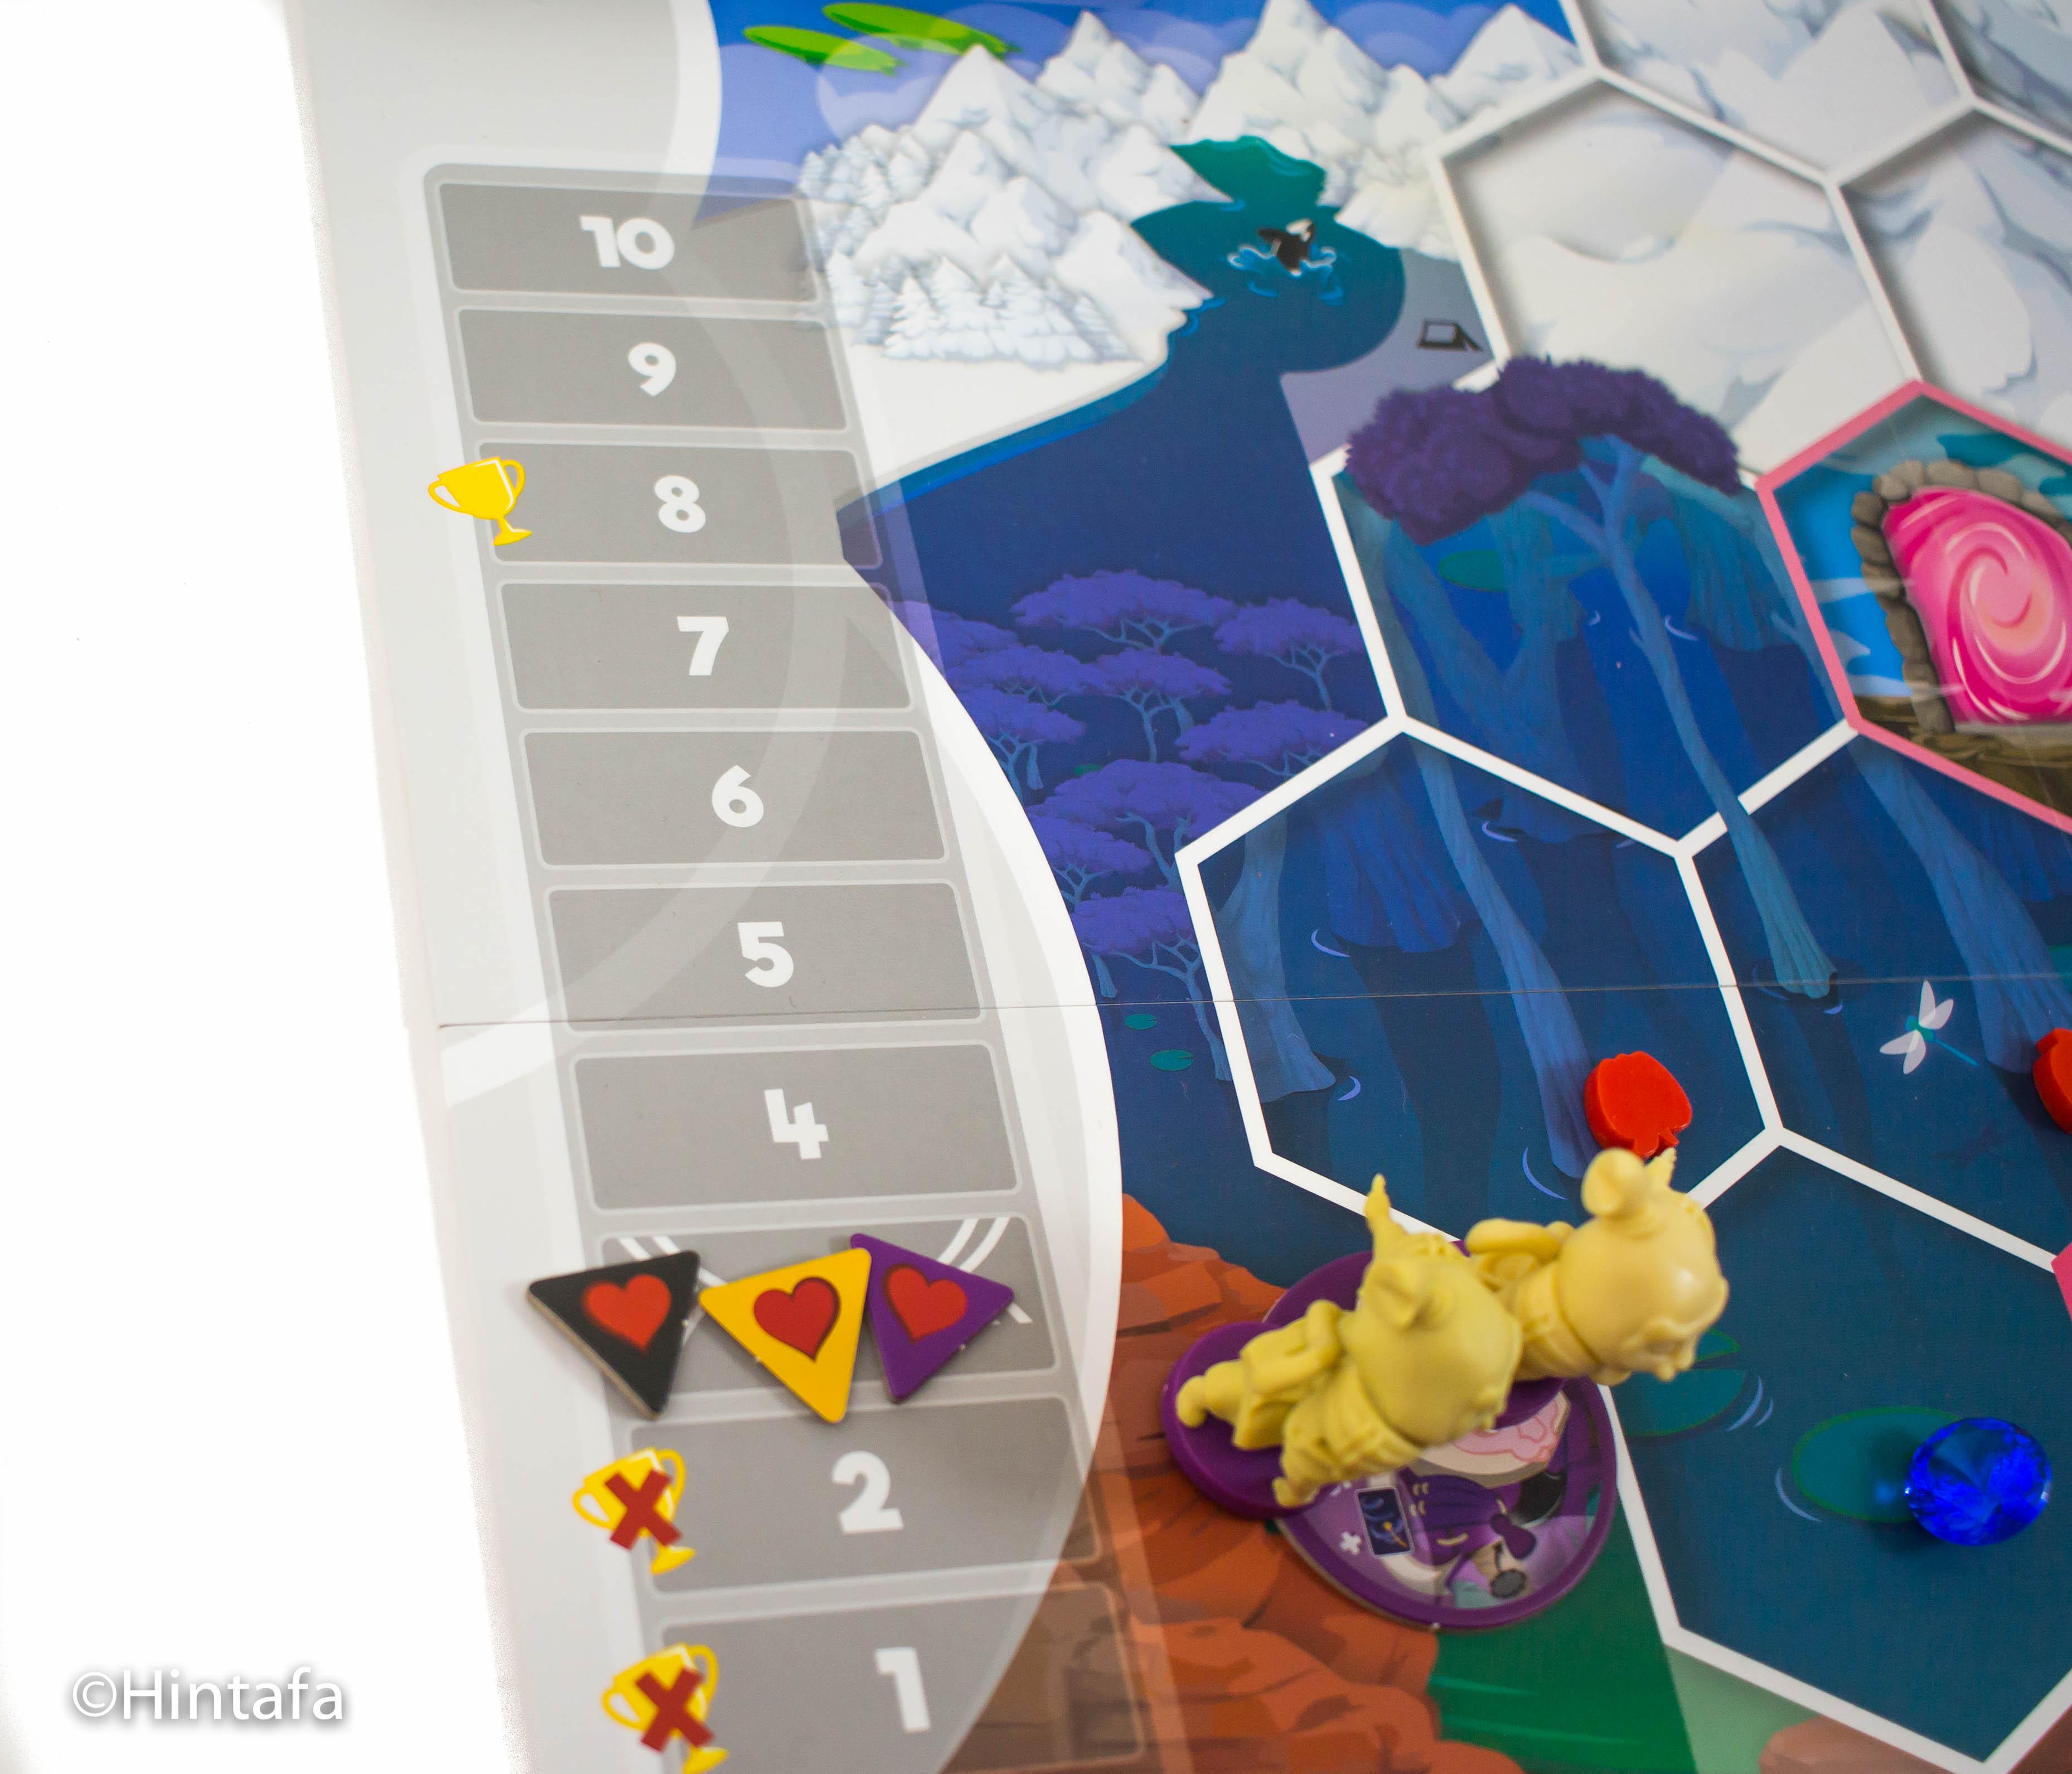 Újabb lehetőség a trófea szerzésre a barátságjelző azonban ha  lecsökken 3-as alá, az addig nem szerezhet a játékos trófeát, míg nem változtat a modorán.